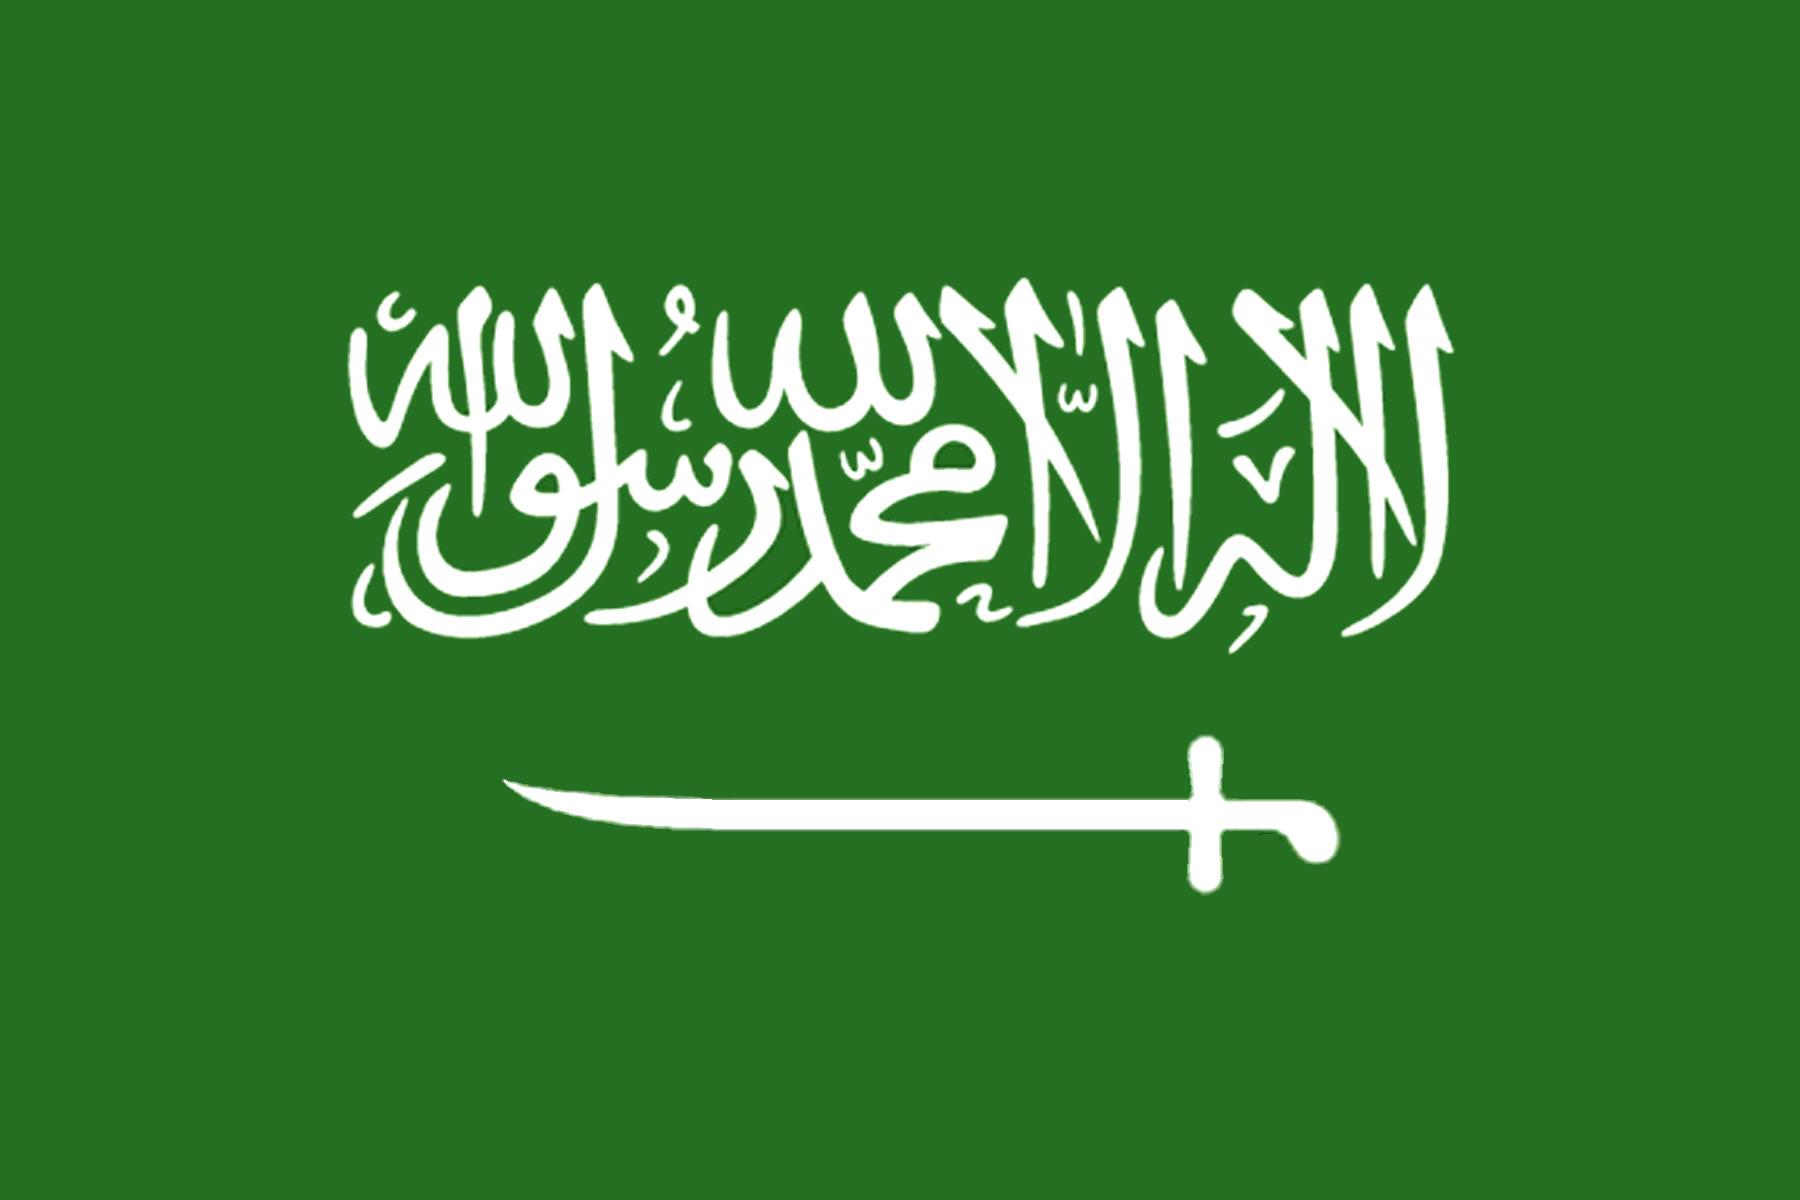 بالصور صورة علم السعودية خلفيات اعلام السعودية 20160716 3058